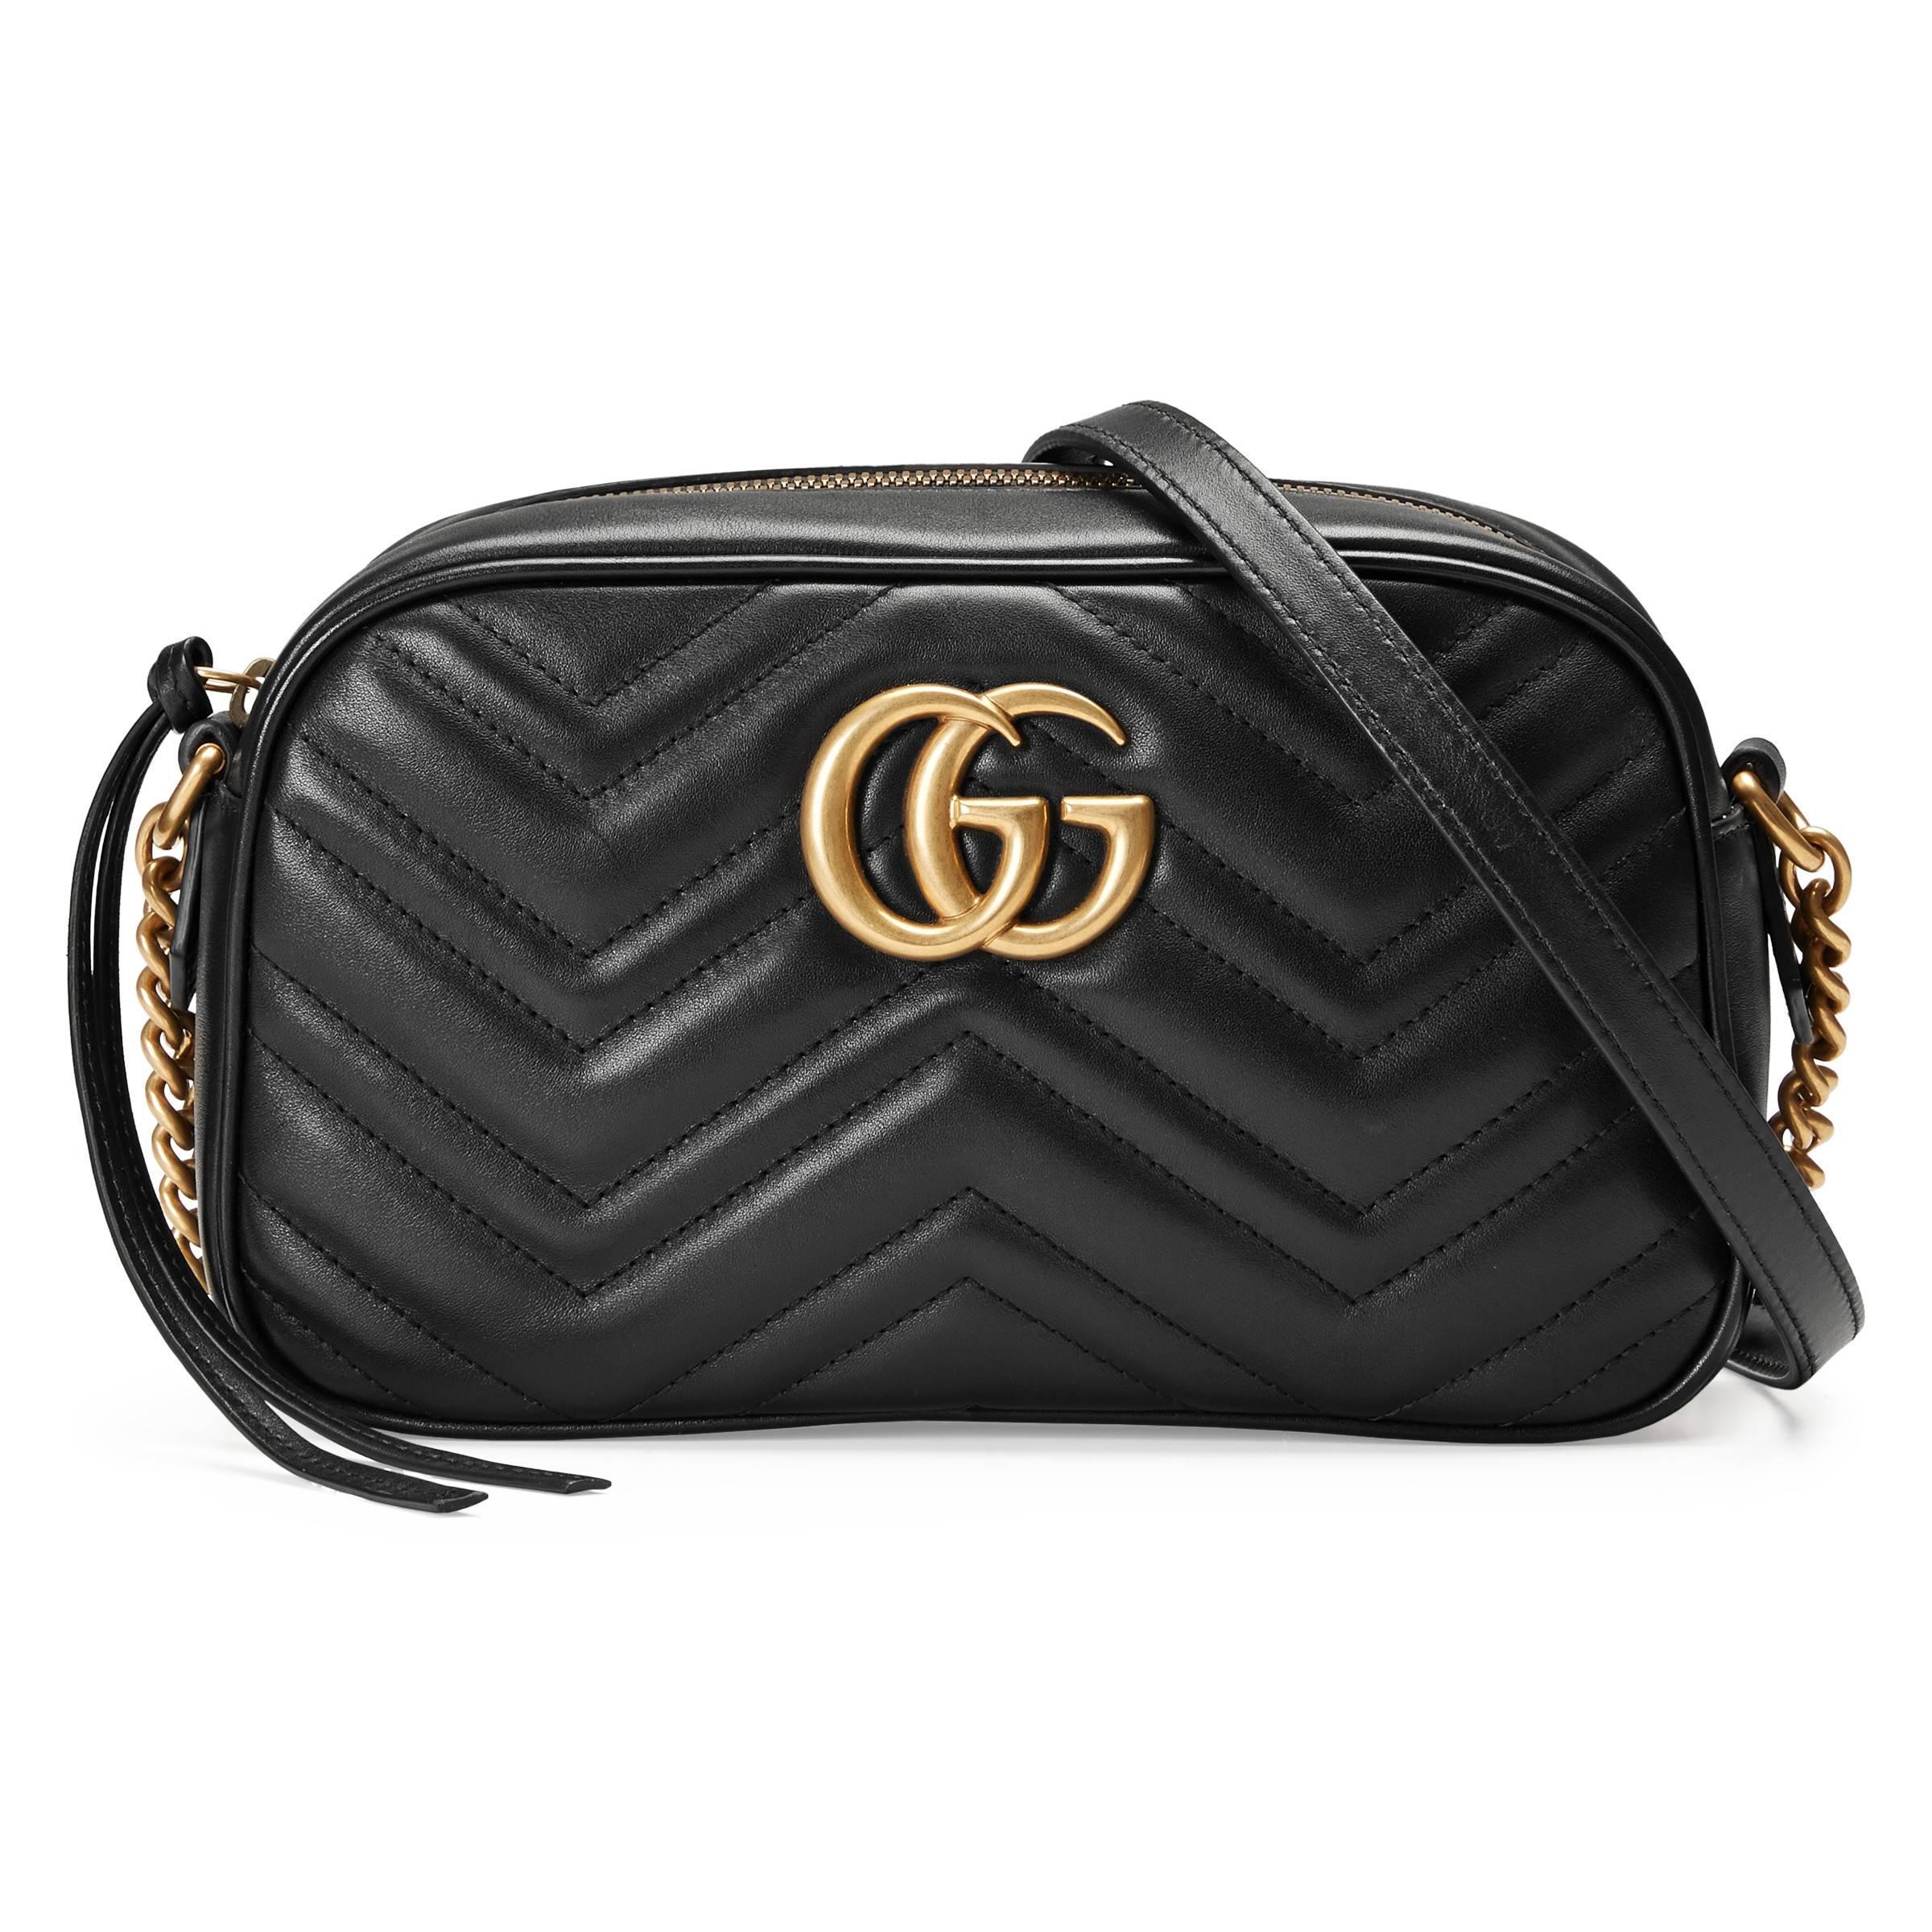 e44f152b8b3c Lyst - Sac à épaule petite taille à motif GG Marmont matelassé Gucci ...